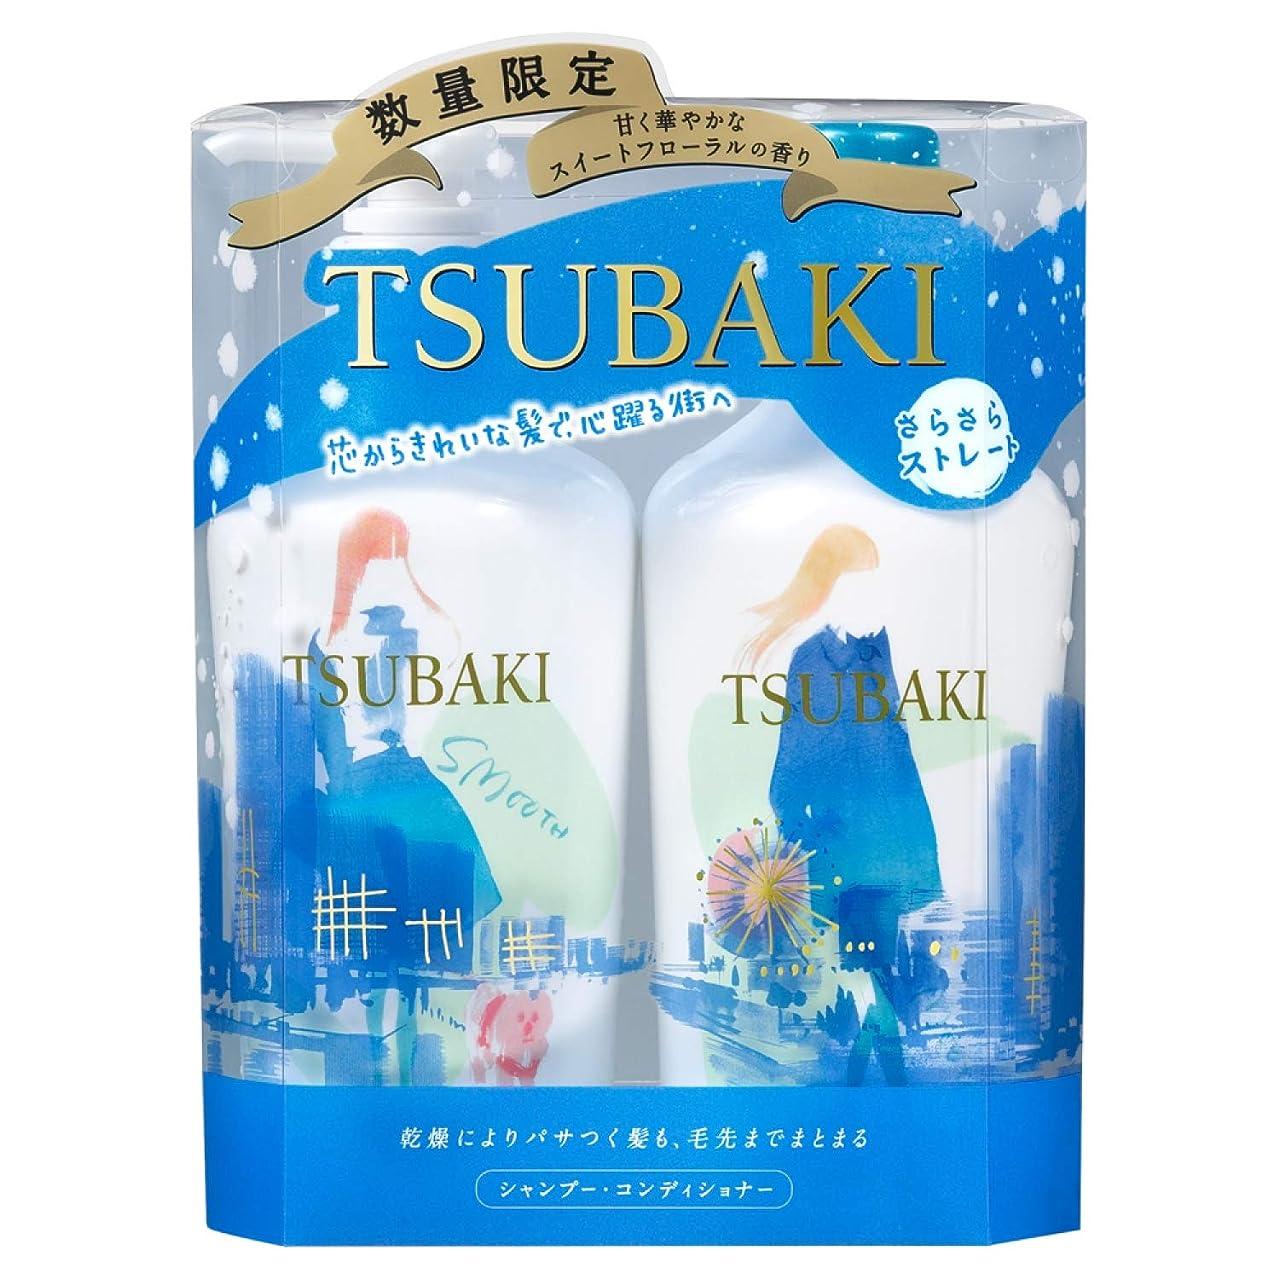 シニス流すモチーフツバキ (TSUBAKI) さらさらストレート ウィンターポンプペア (シャンプー&コンディショナー)